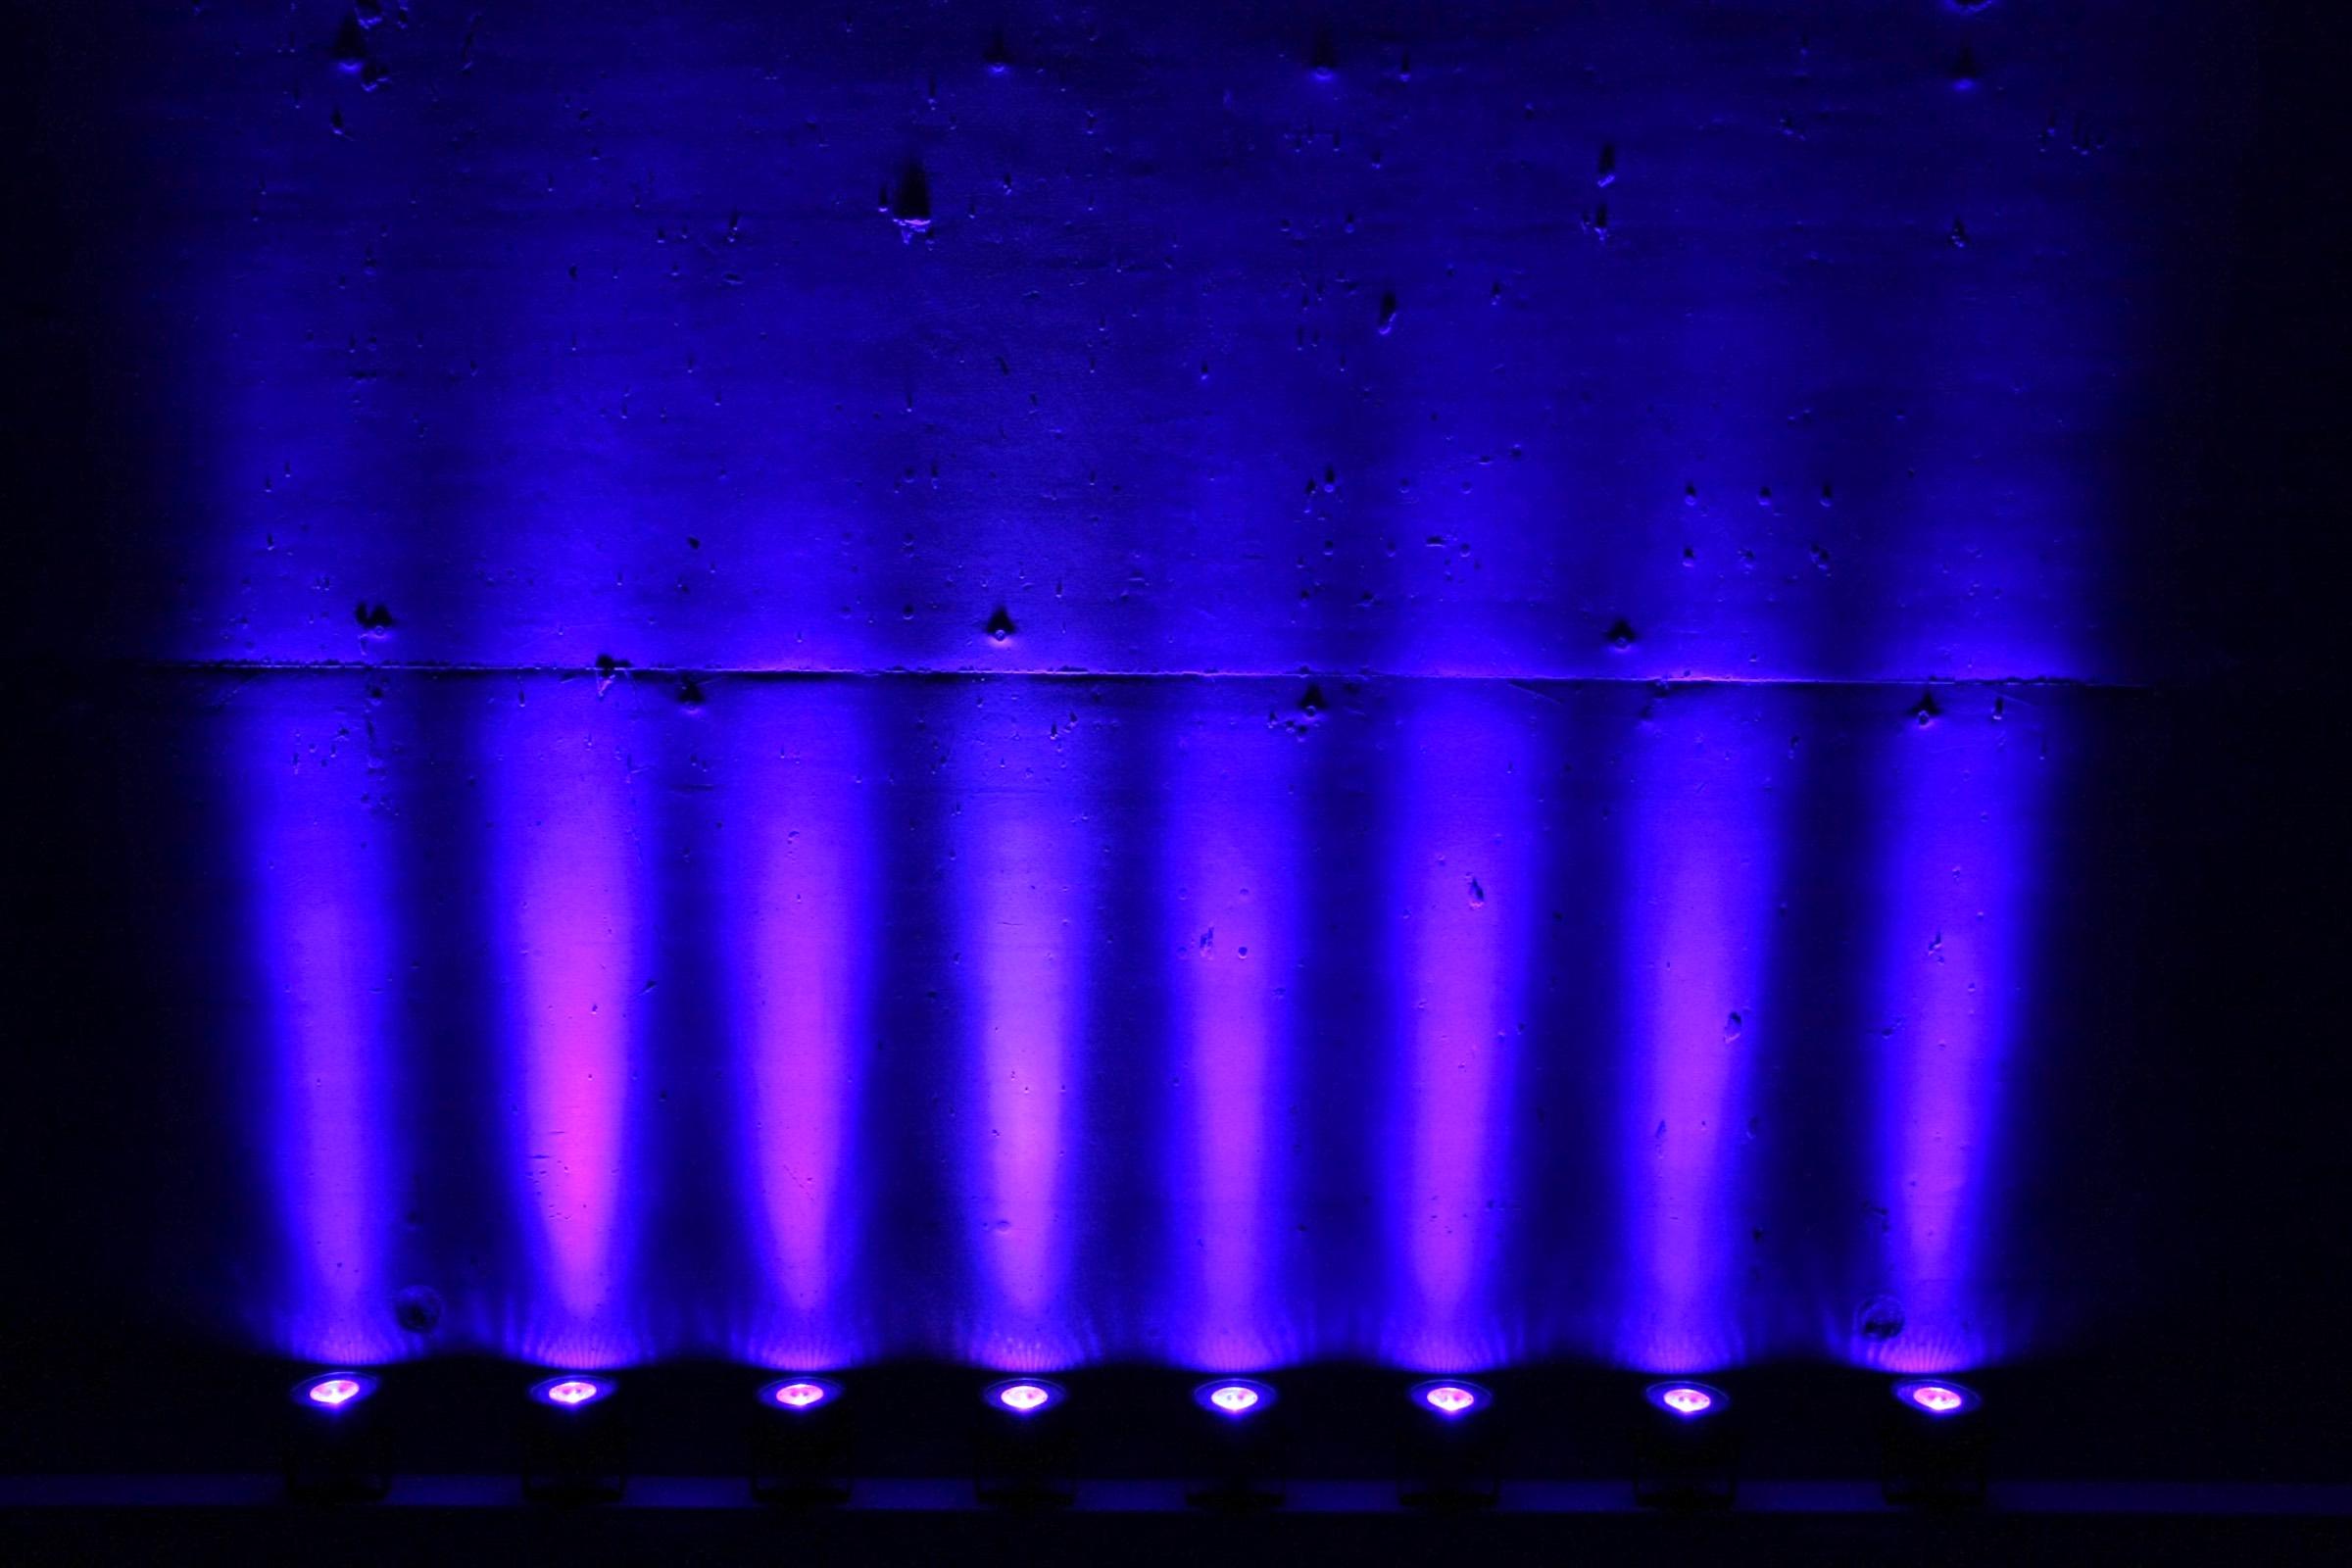 lichttechnik |Indoor |Ambiente |Beleuchtung |Veranstaltungstechnik |Fassadenbeleuchtung |Firmenfeier |Show |Gala |Akku |LED |Spots |Outdoor |Scheinwerfer |Mieten |Buchen